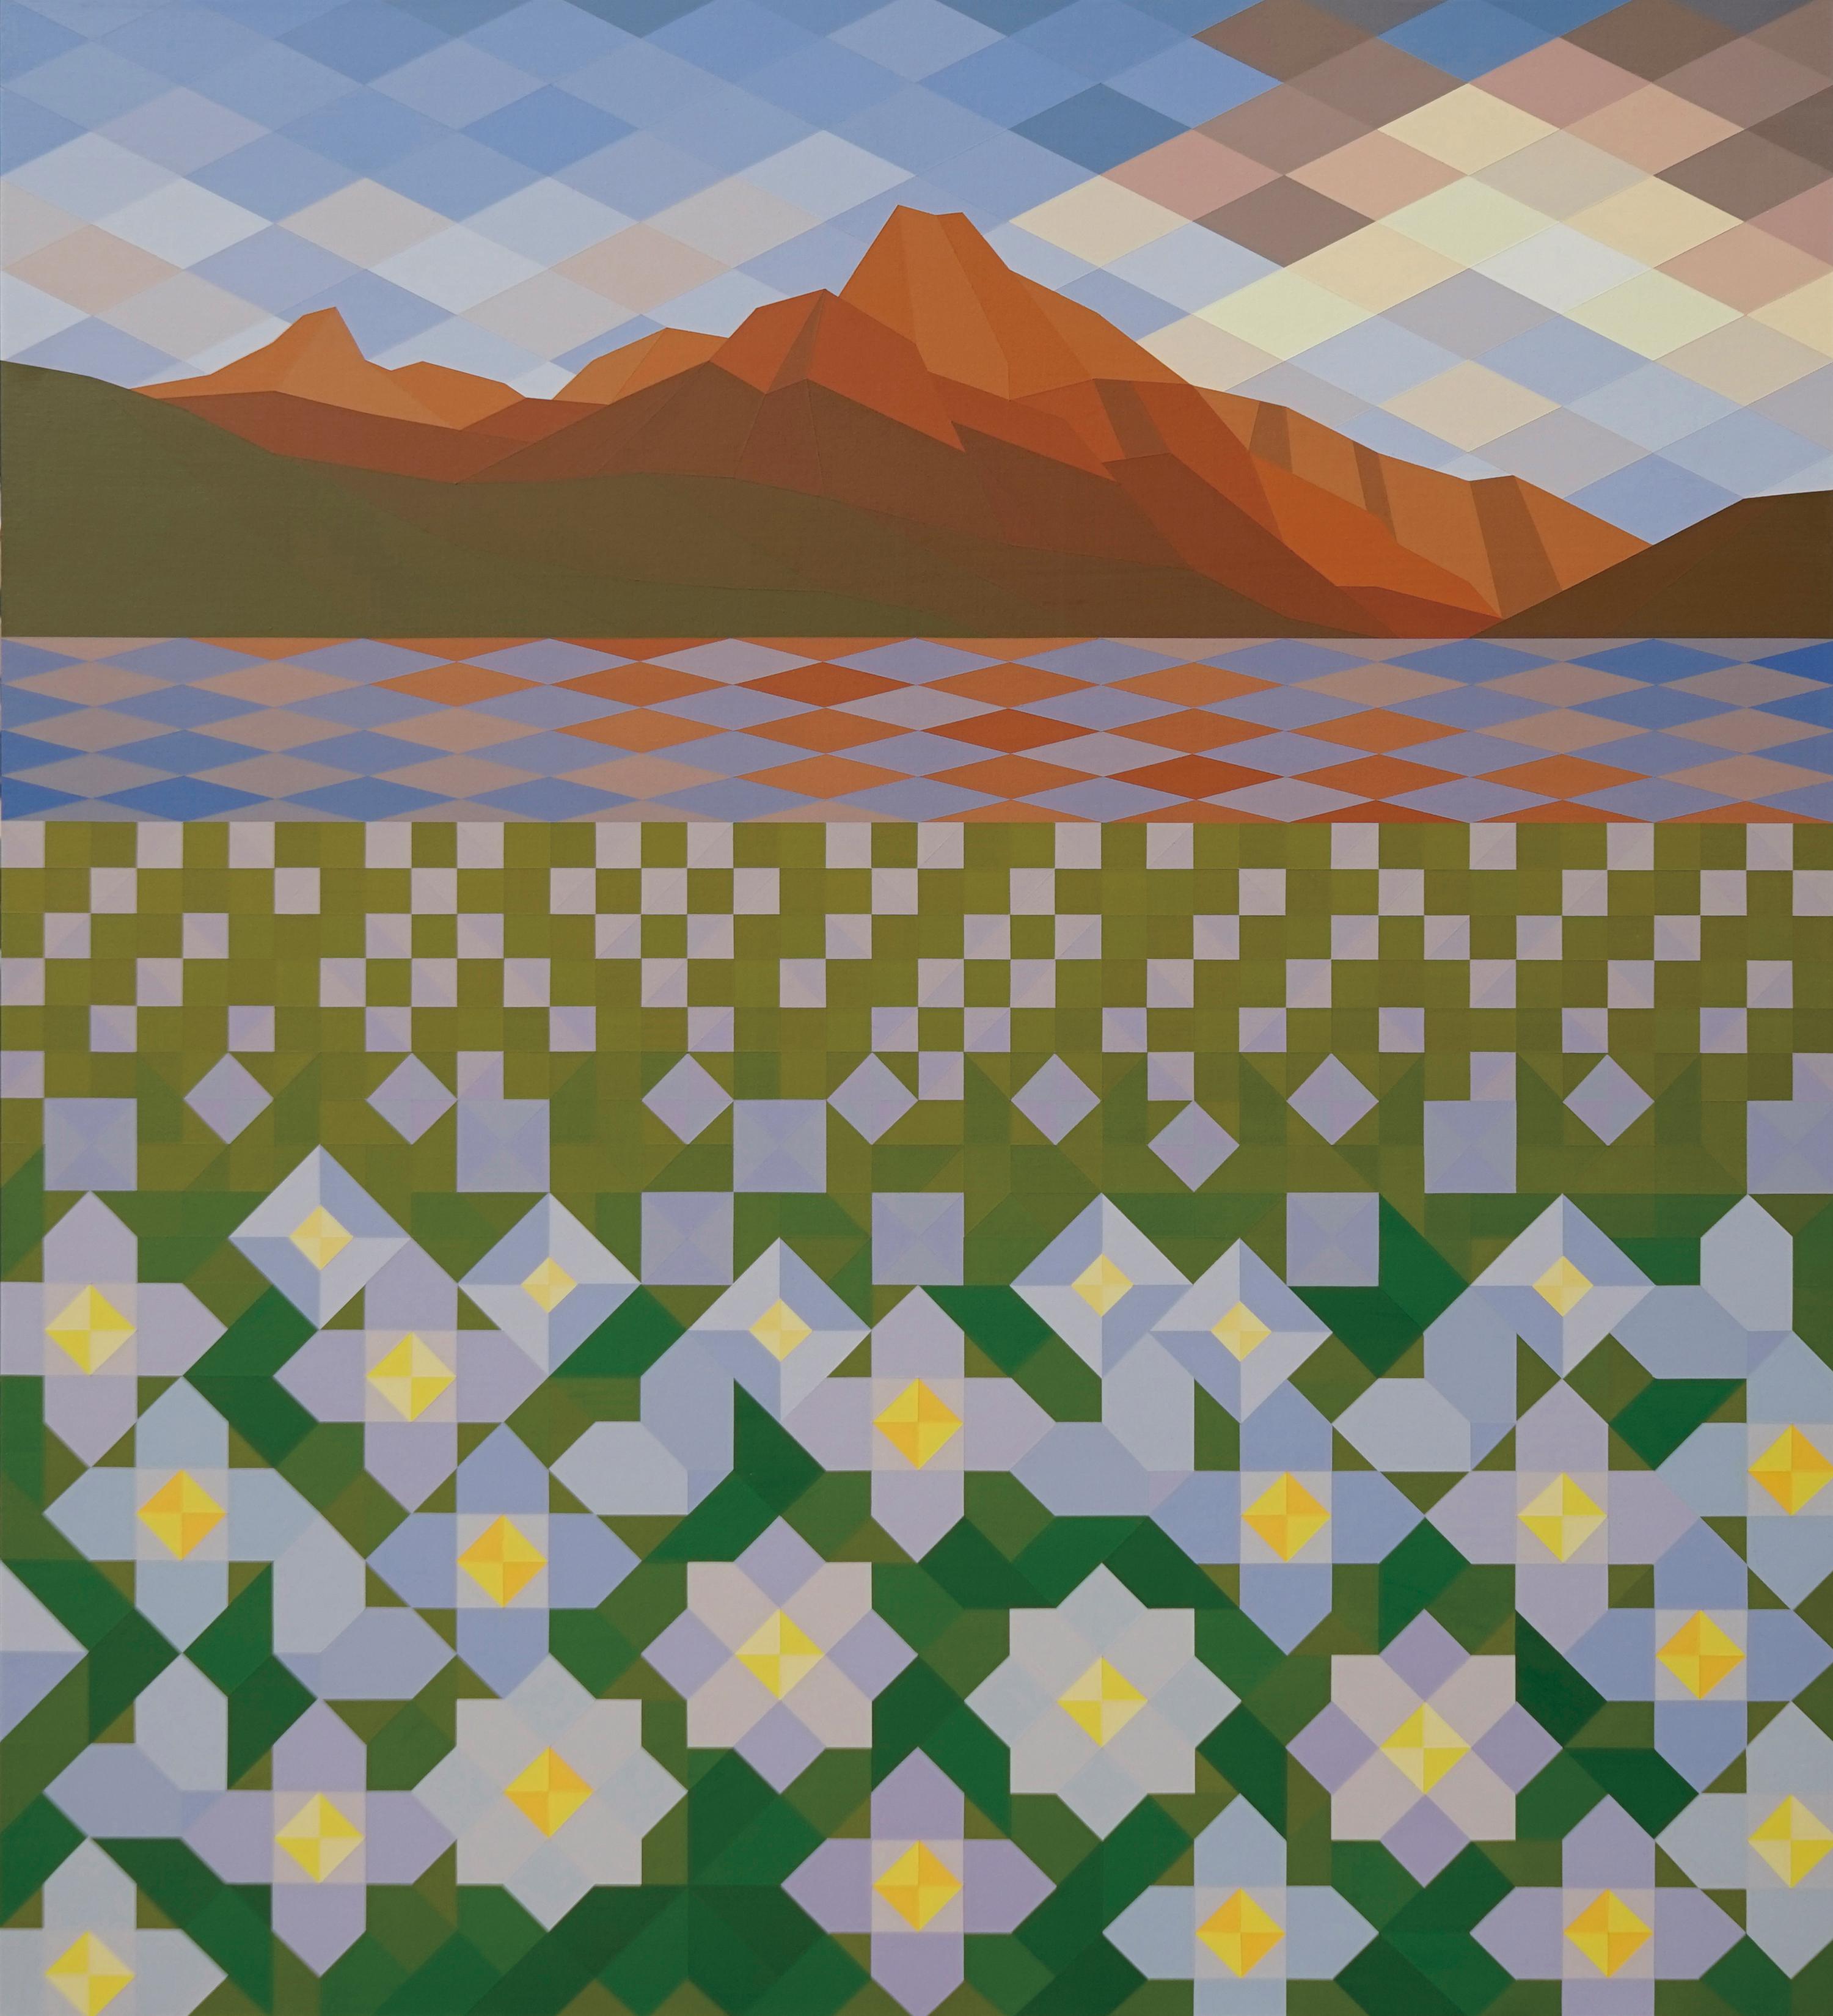 전영진, Painting for painting 18no10